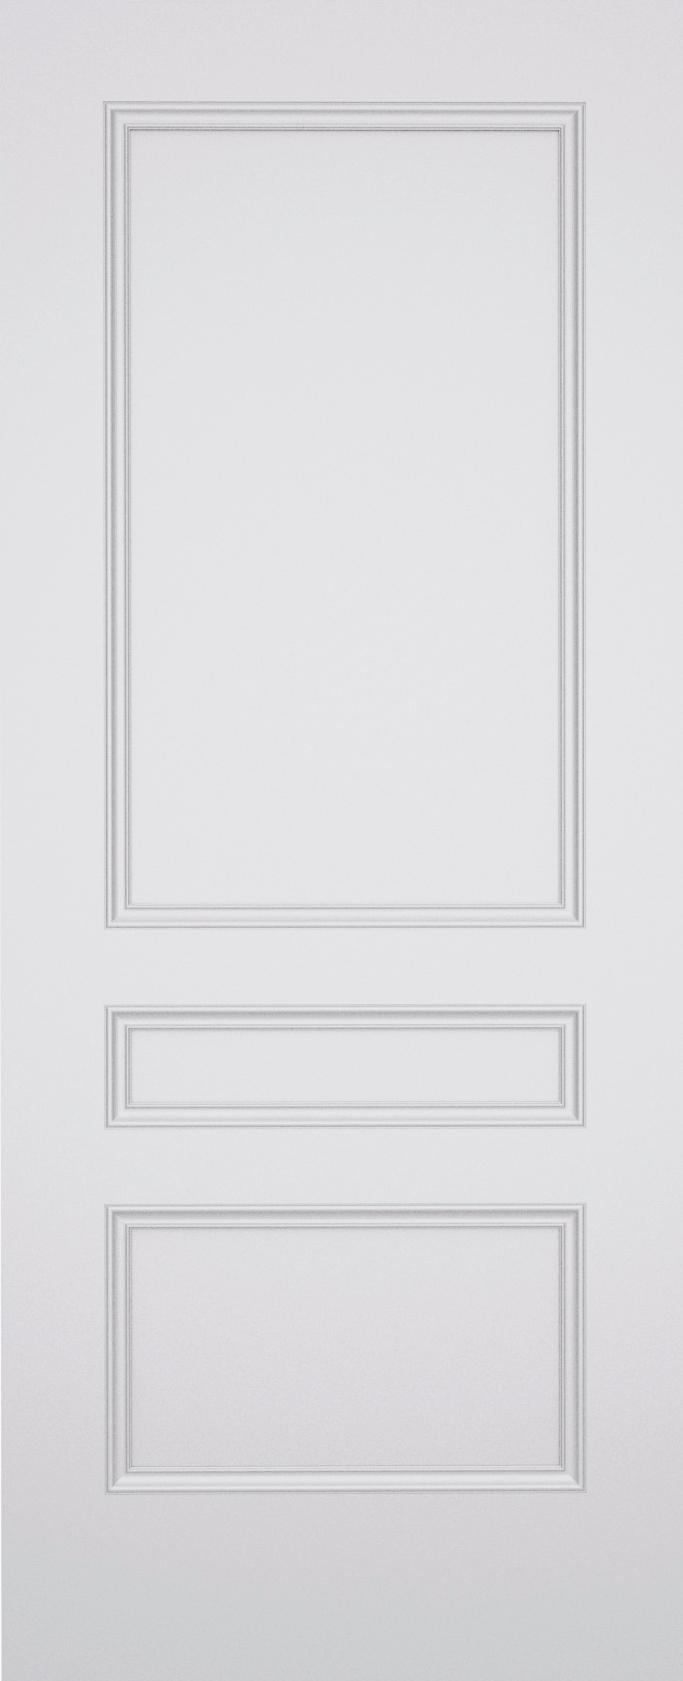 Kesh Brompton 3 Panel Fire Door